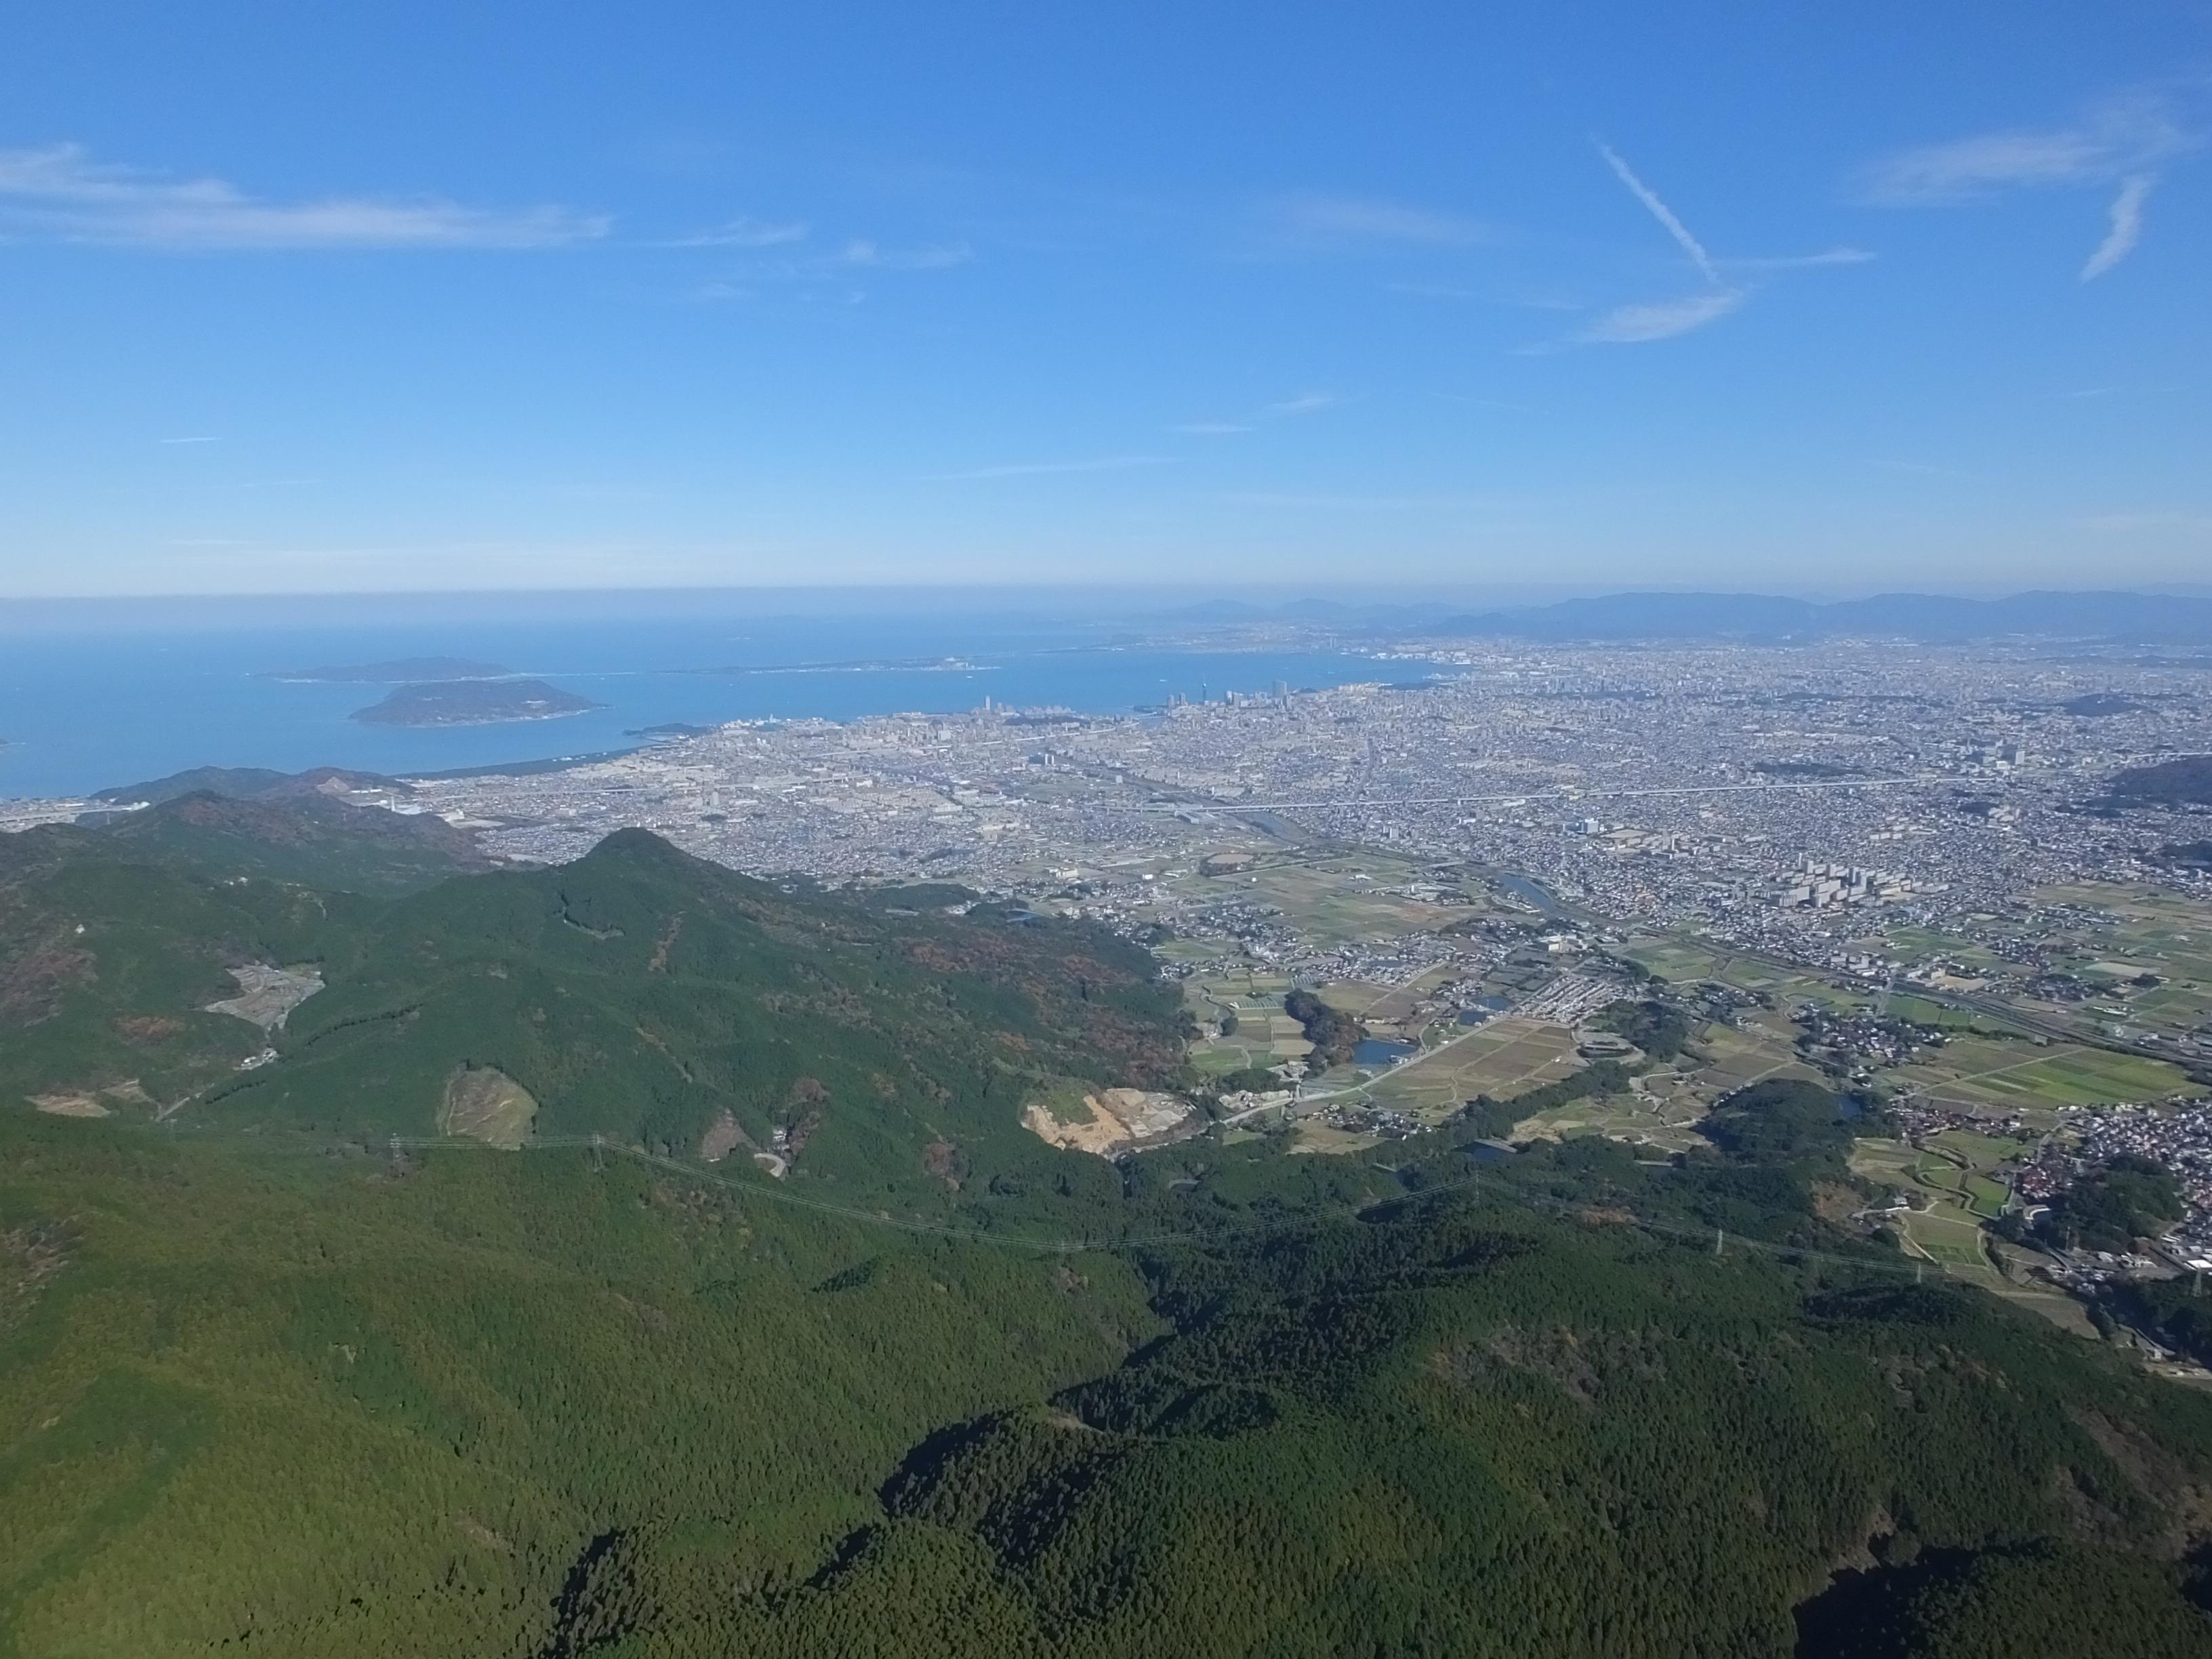 福岡市全景(2014)の画像